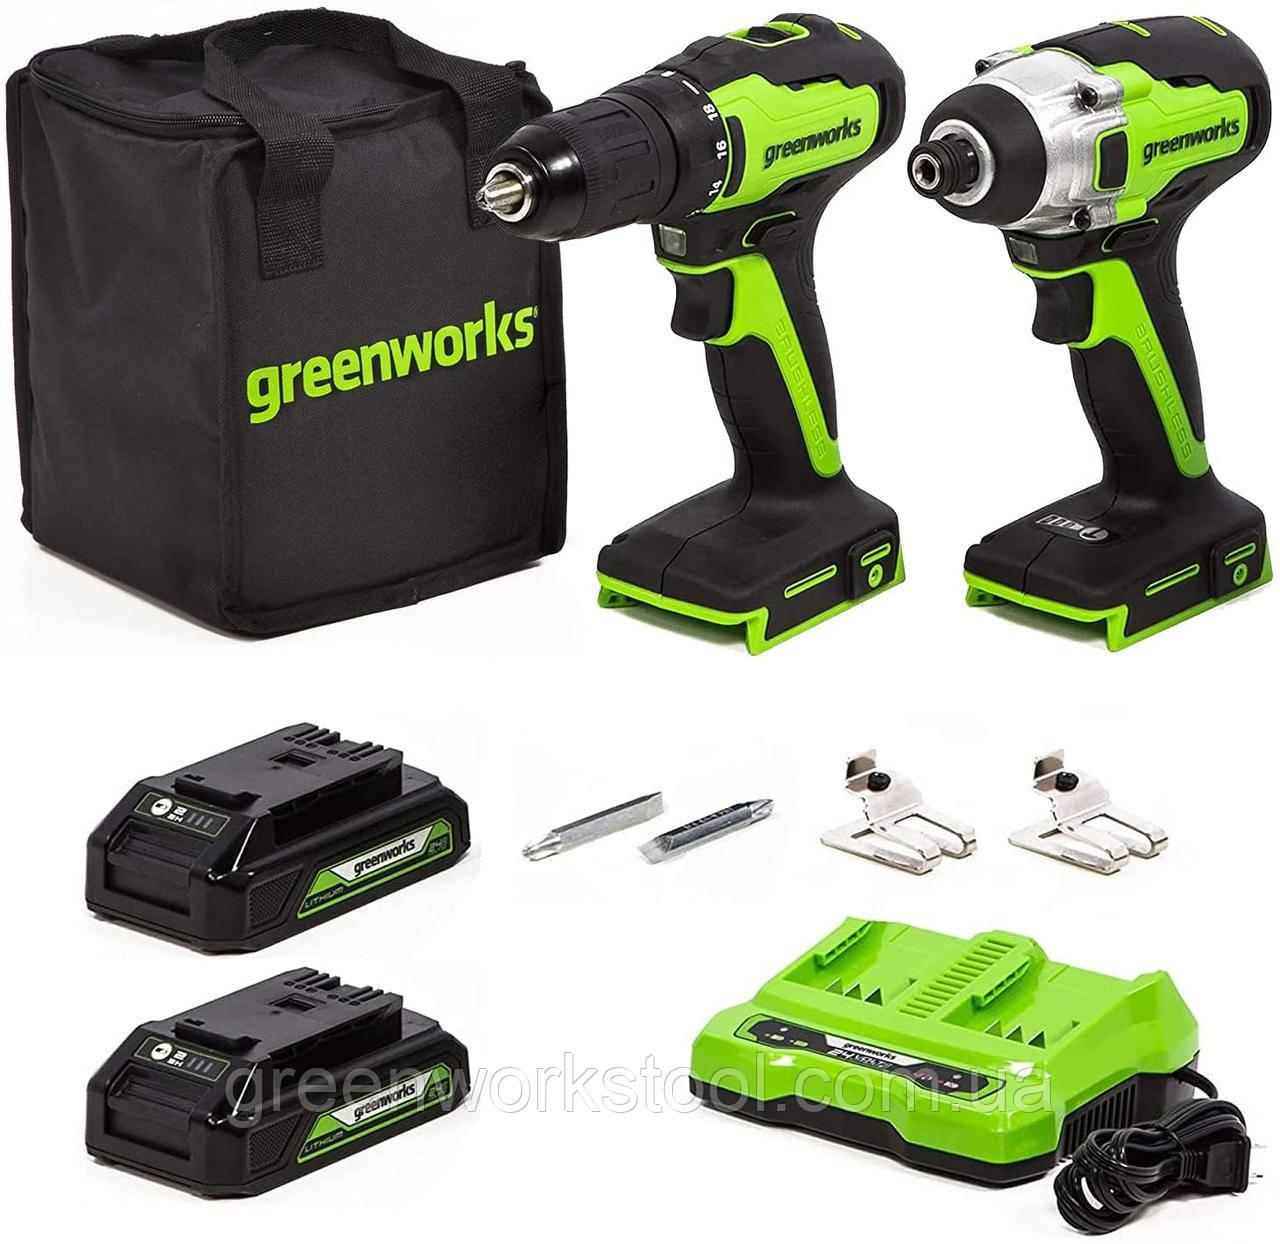 Комплект бесщёточных инструментов Greenworks 24 V дрель-шуруповёрт и ударный винтовёрт с АКБ 2х2 Ач и  ЗУ